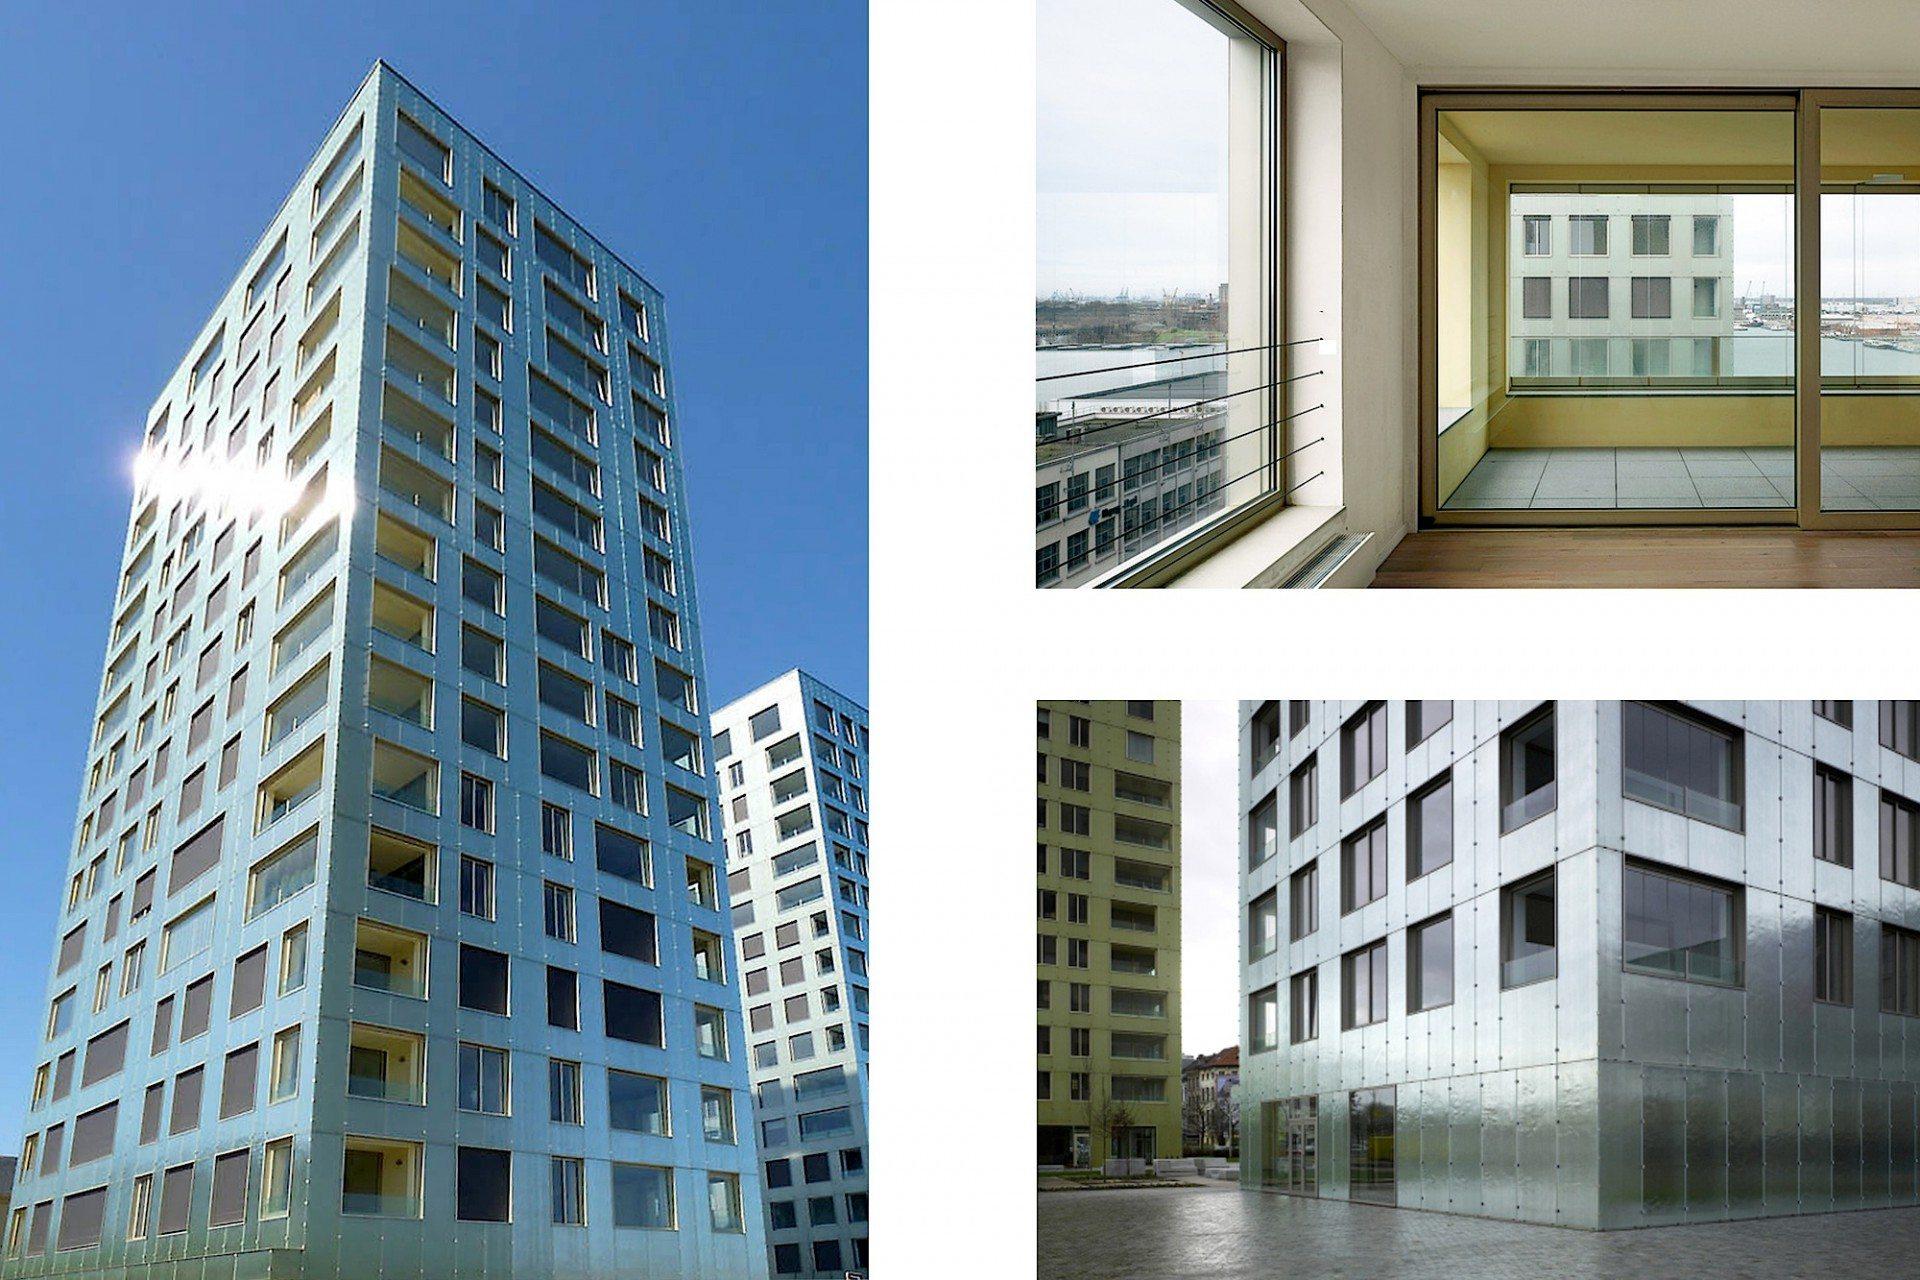 Glanzvoll. Die leicht versetzten Wohntürme 1 + 2 von Diener & Diener stehen leicht versetzt. Die Fassadenhaut aus Strukturglas und Aluminiumprofilen schimmert und glänzt je nach Tageszeit und Witterung von monochrom bis kontrastierend.